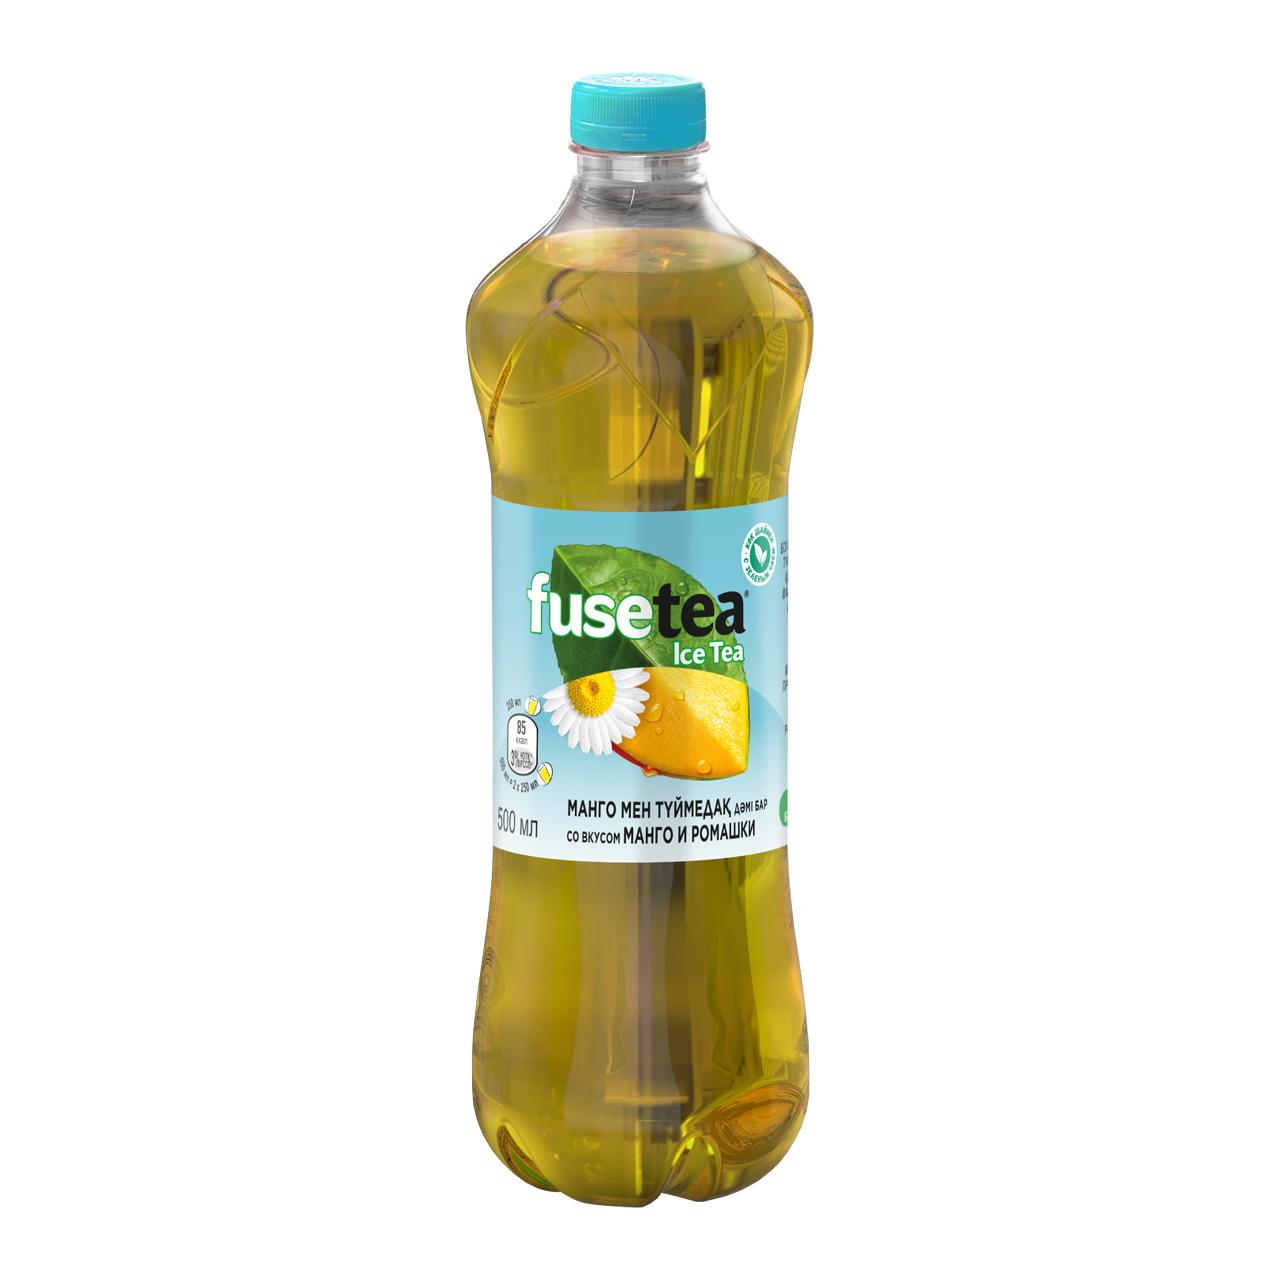 FUSE tea - ХОЛОДНЫЙ ЧАЙ FUSE TEA 0,5л МАНГО-РОМАШКА 5449000027450